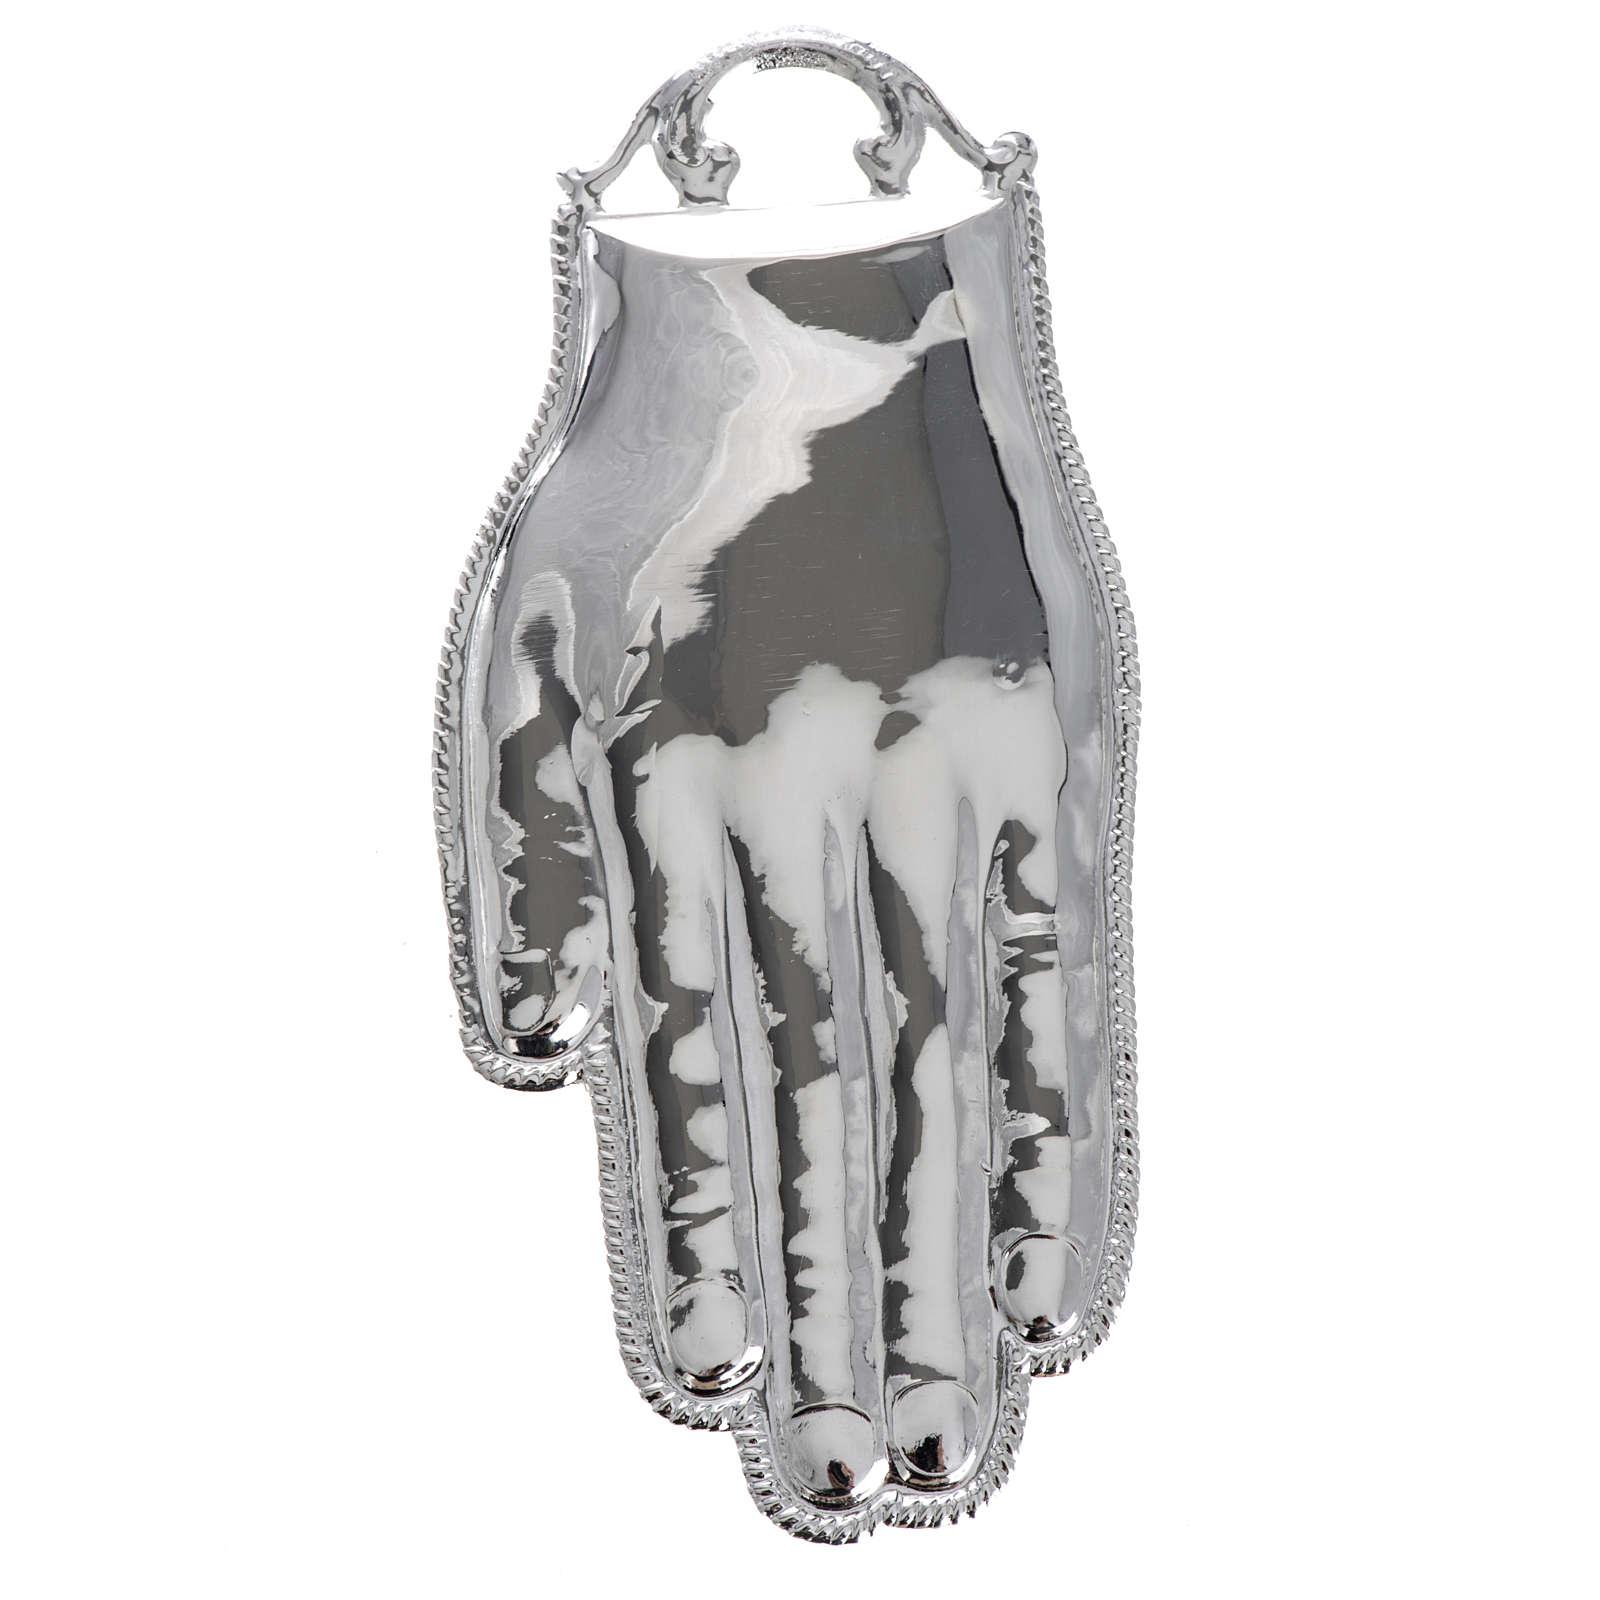 Ex voto mano argento 925 o metallo 12 cm 3